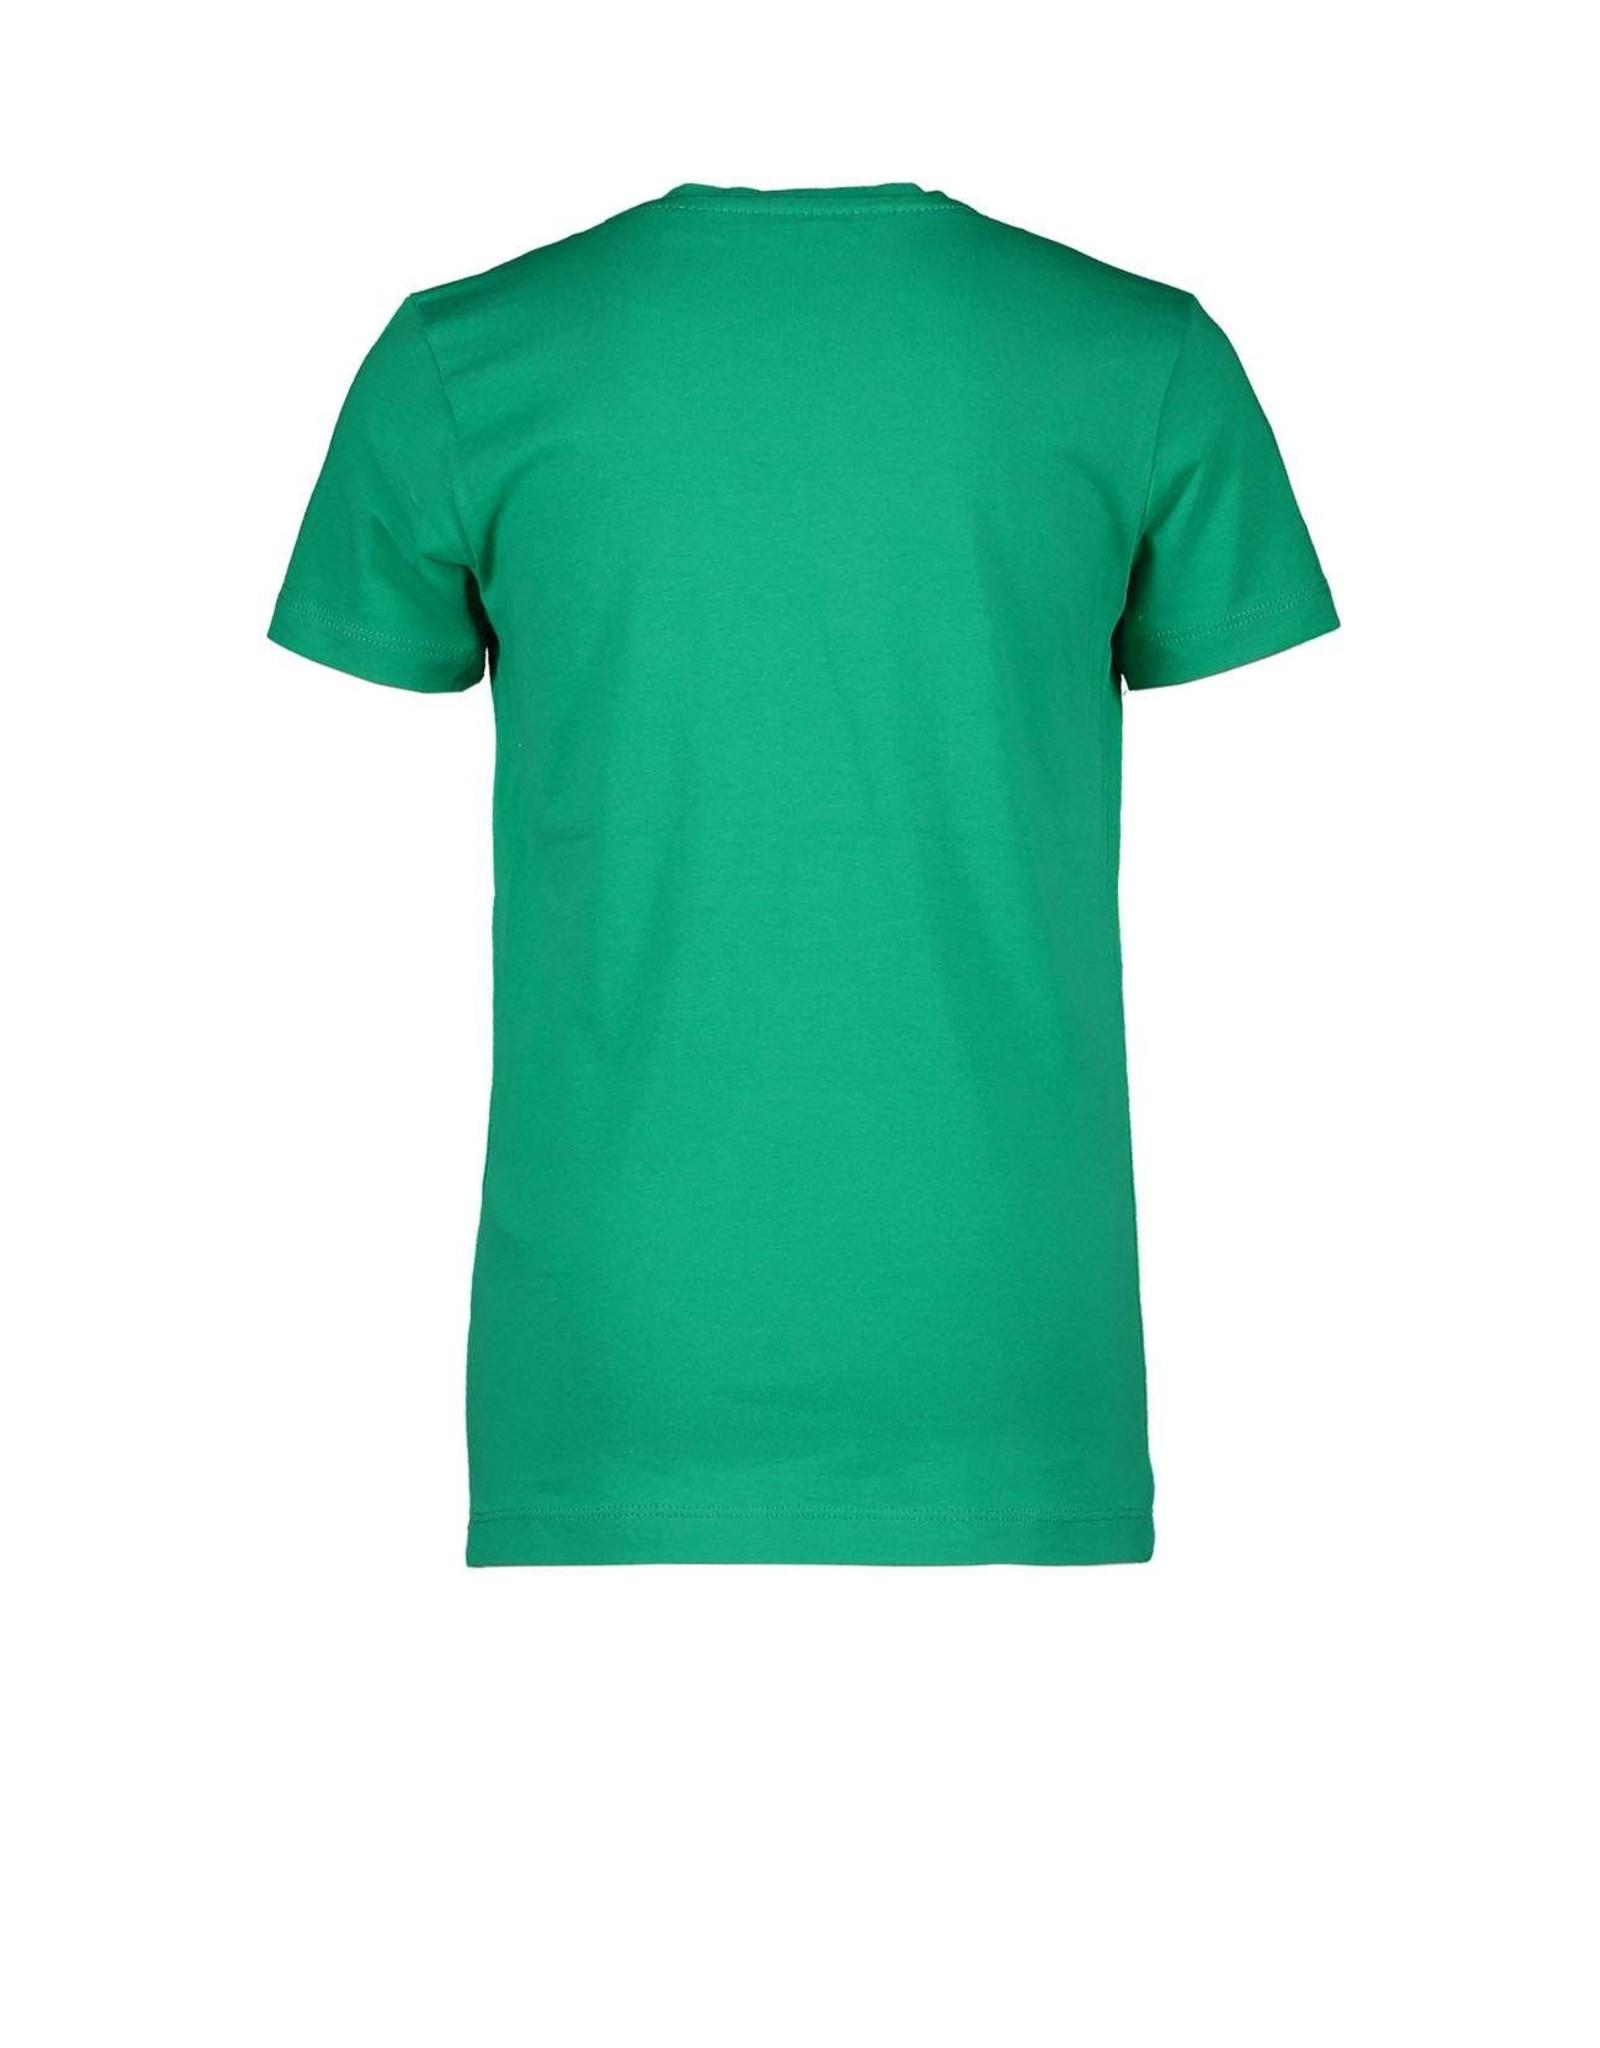 """Moodstreet Moodstreet-MT T-Shirt Chestprint-""""Green"""""""